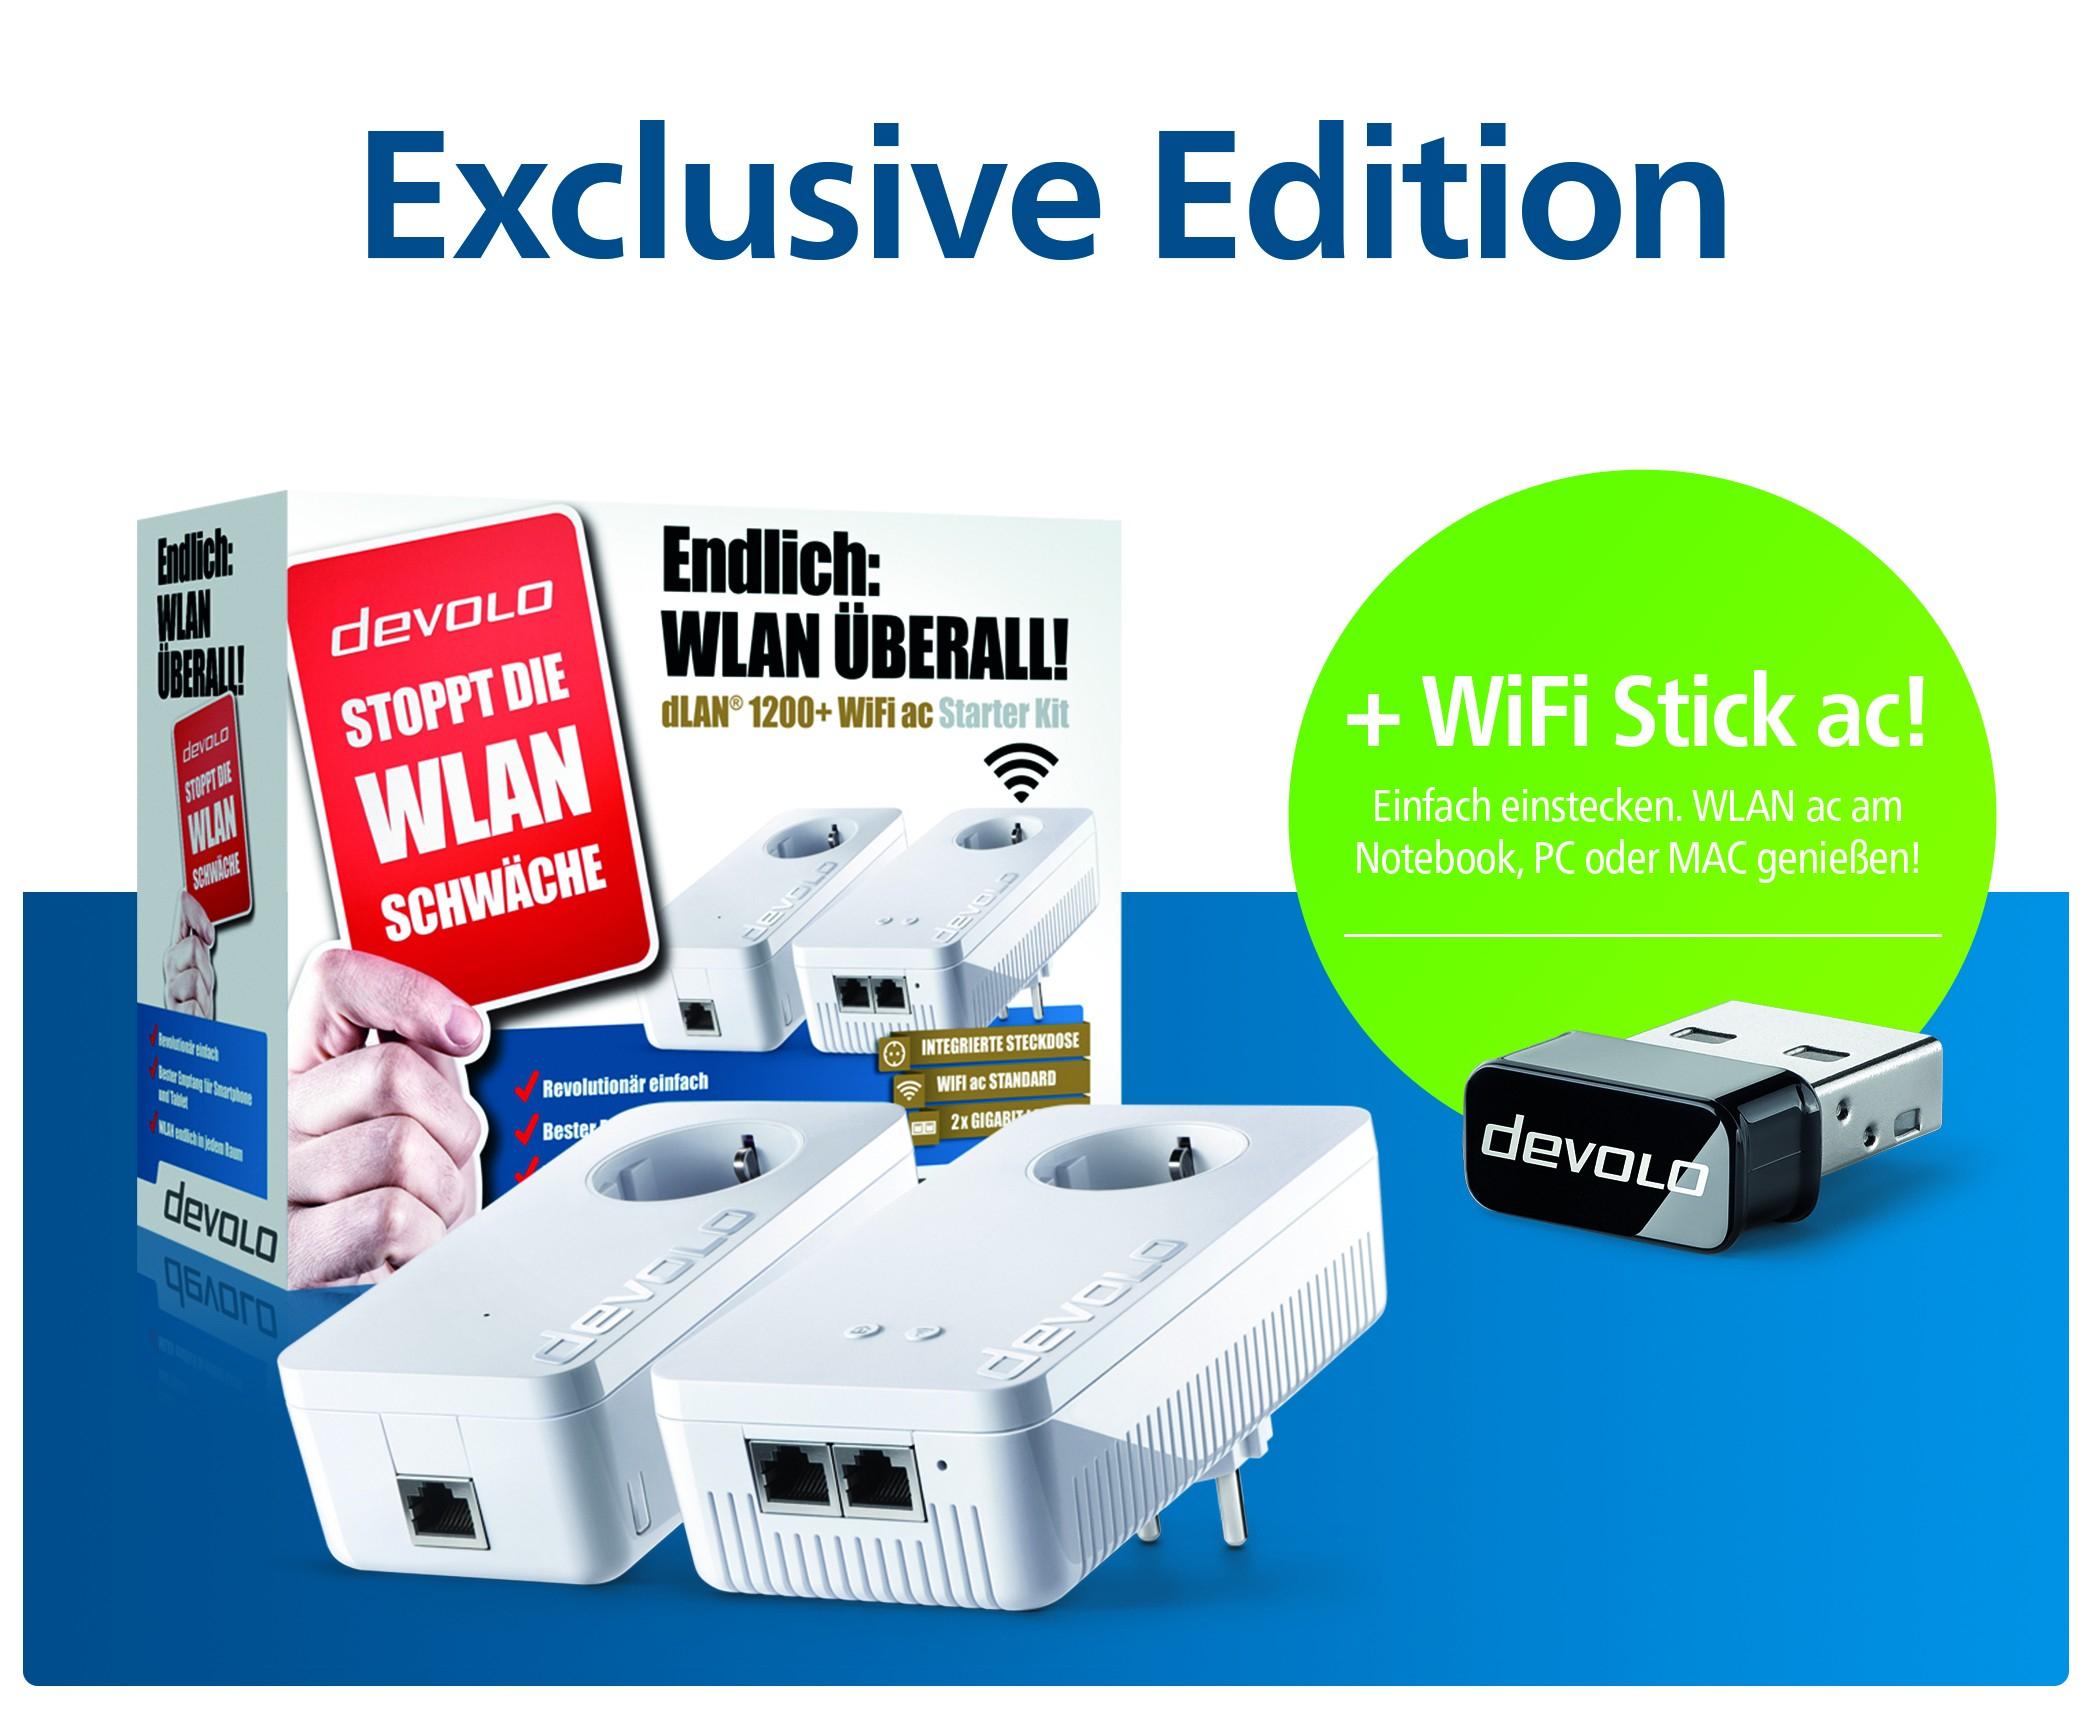 devolo dLAN 1200+ WiFi ac Starter Kit + WiFi Stick ac